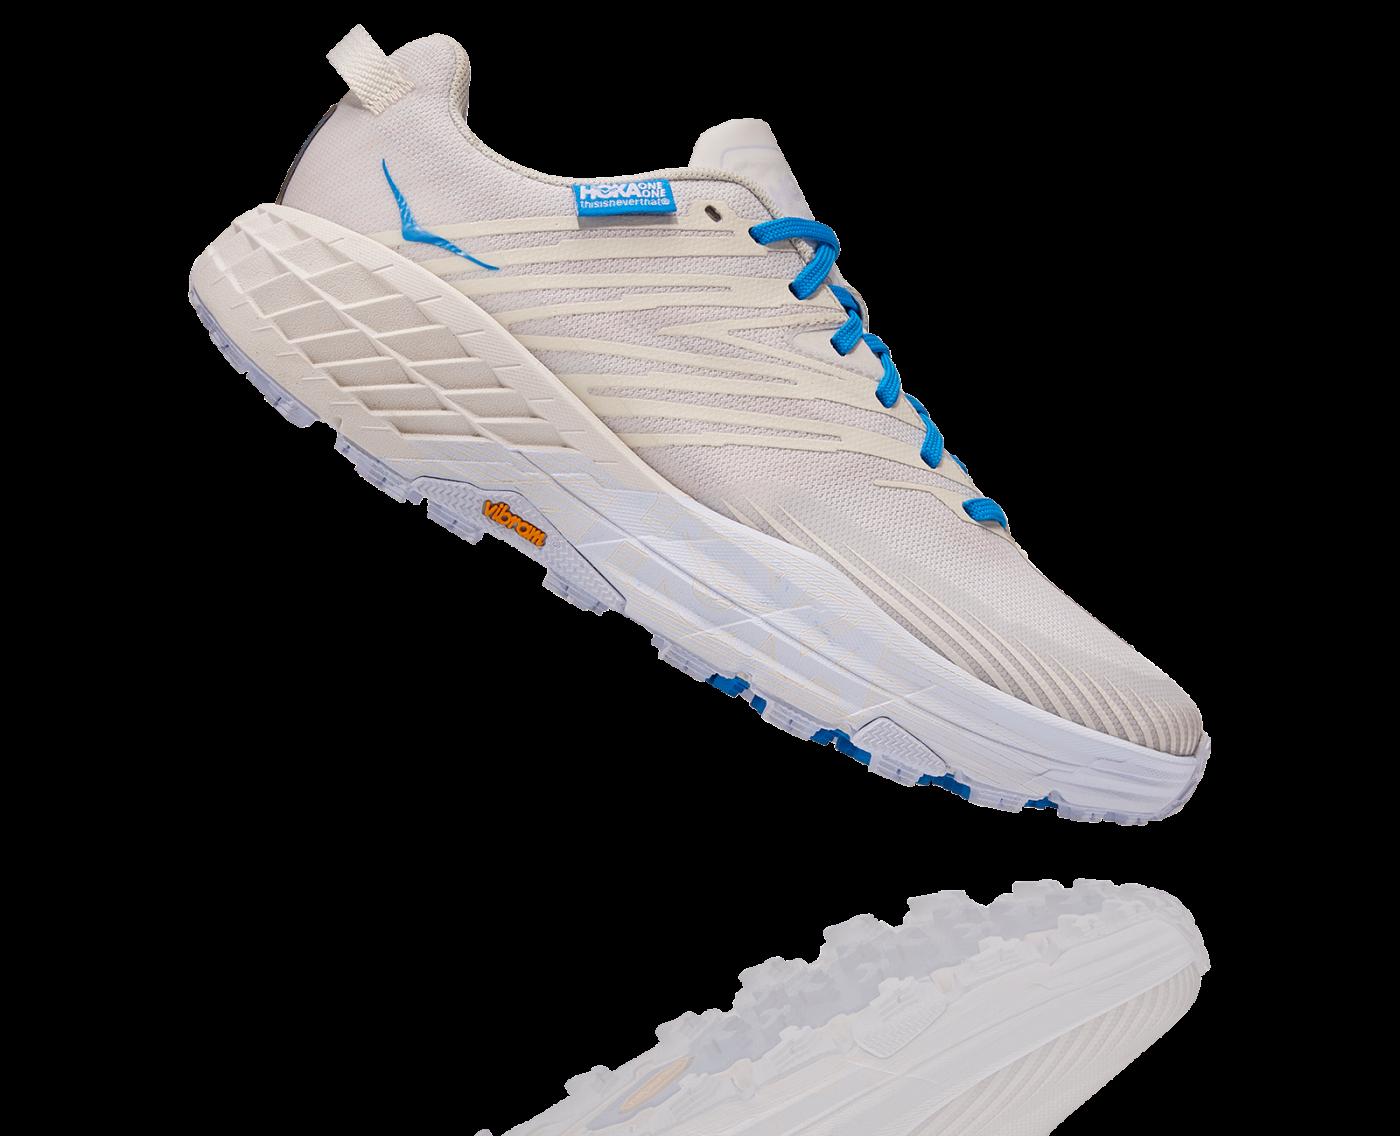 hoka-thisisneverthat-speedhoat-4-trail-running-runpack-1